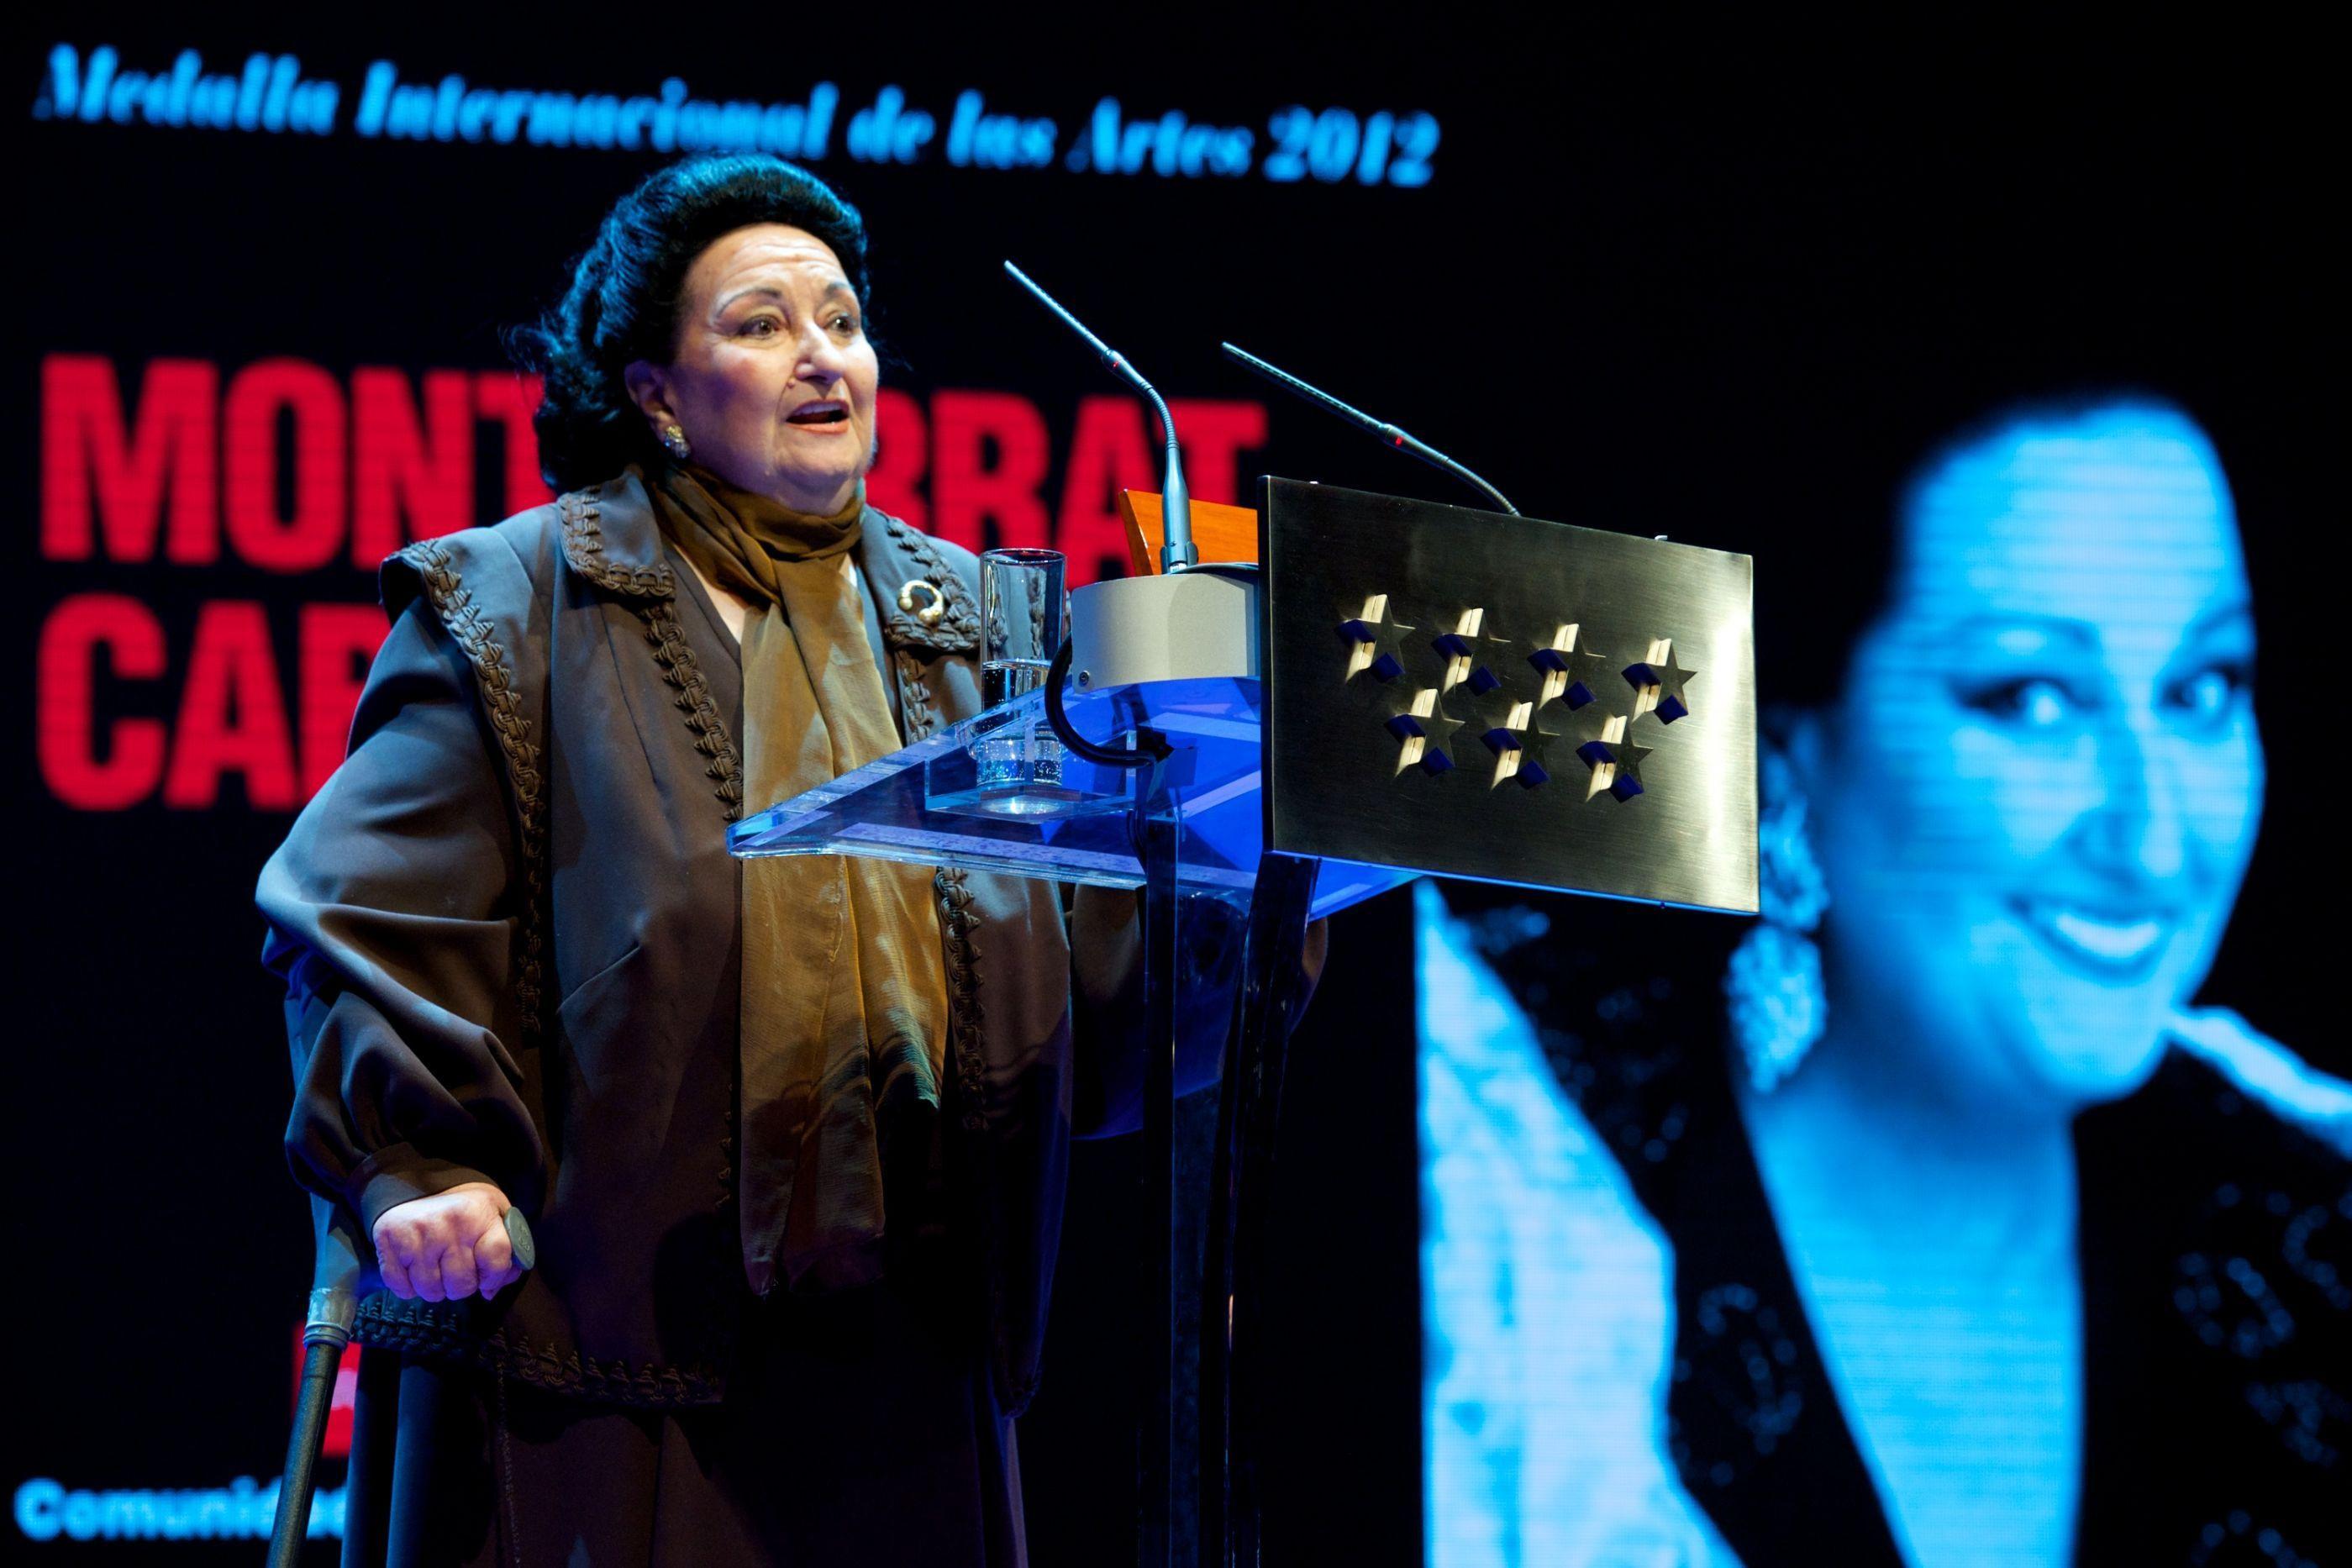 Montserrat Caballé, melhor soprano do século 20, morre aos 85 anos